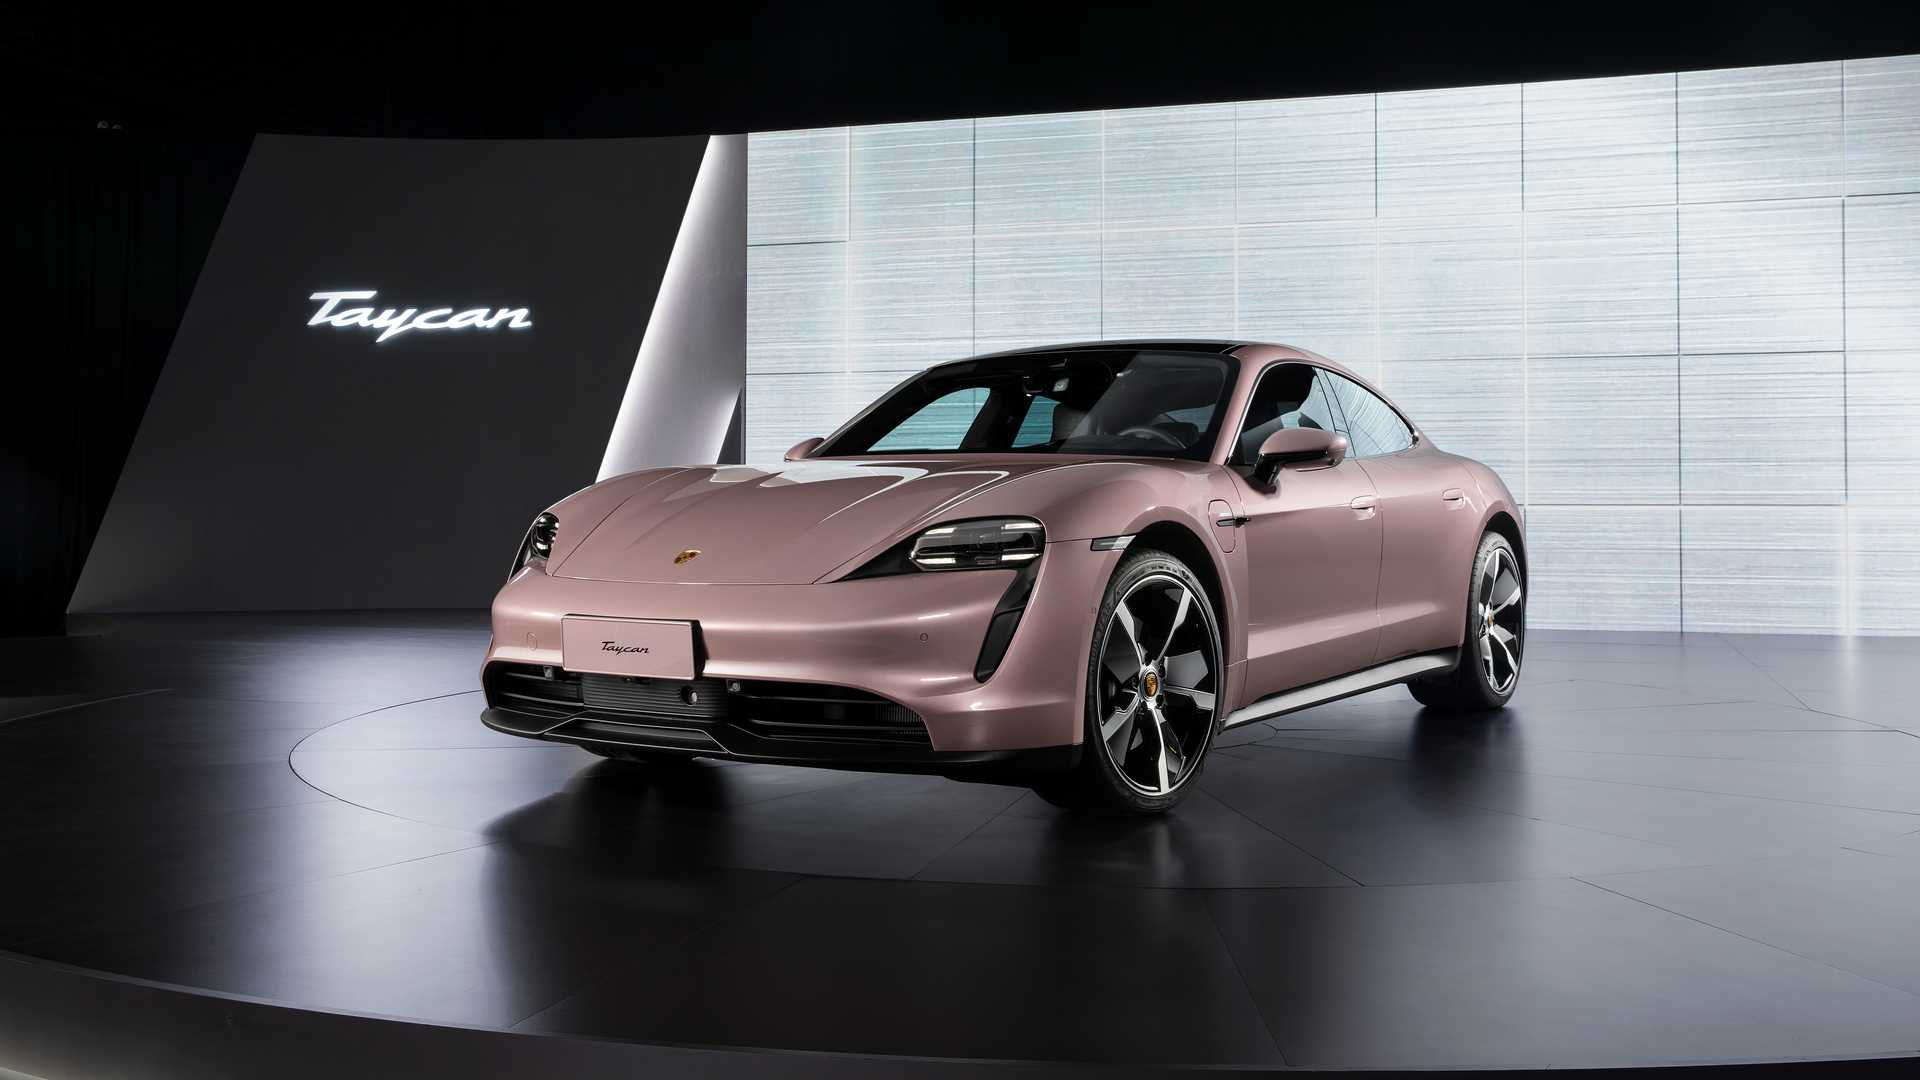 El Porsche Taycan básico llega a China: 408 CV y propulsión